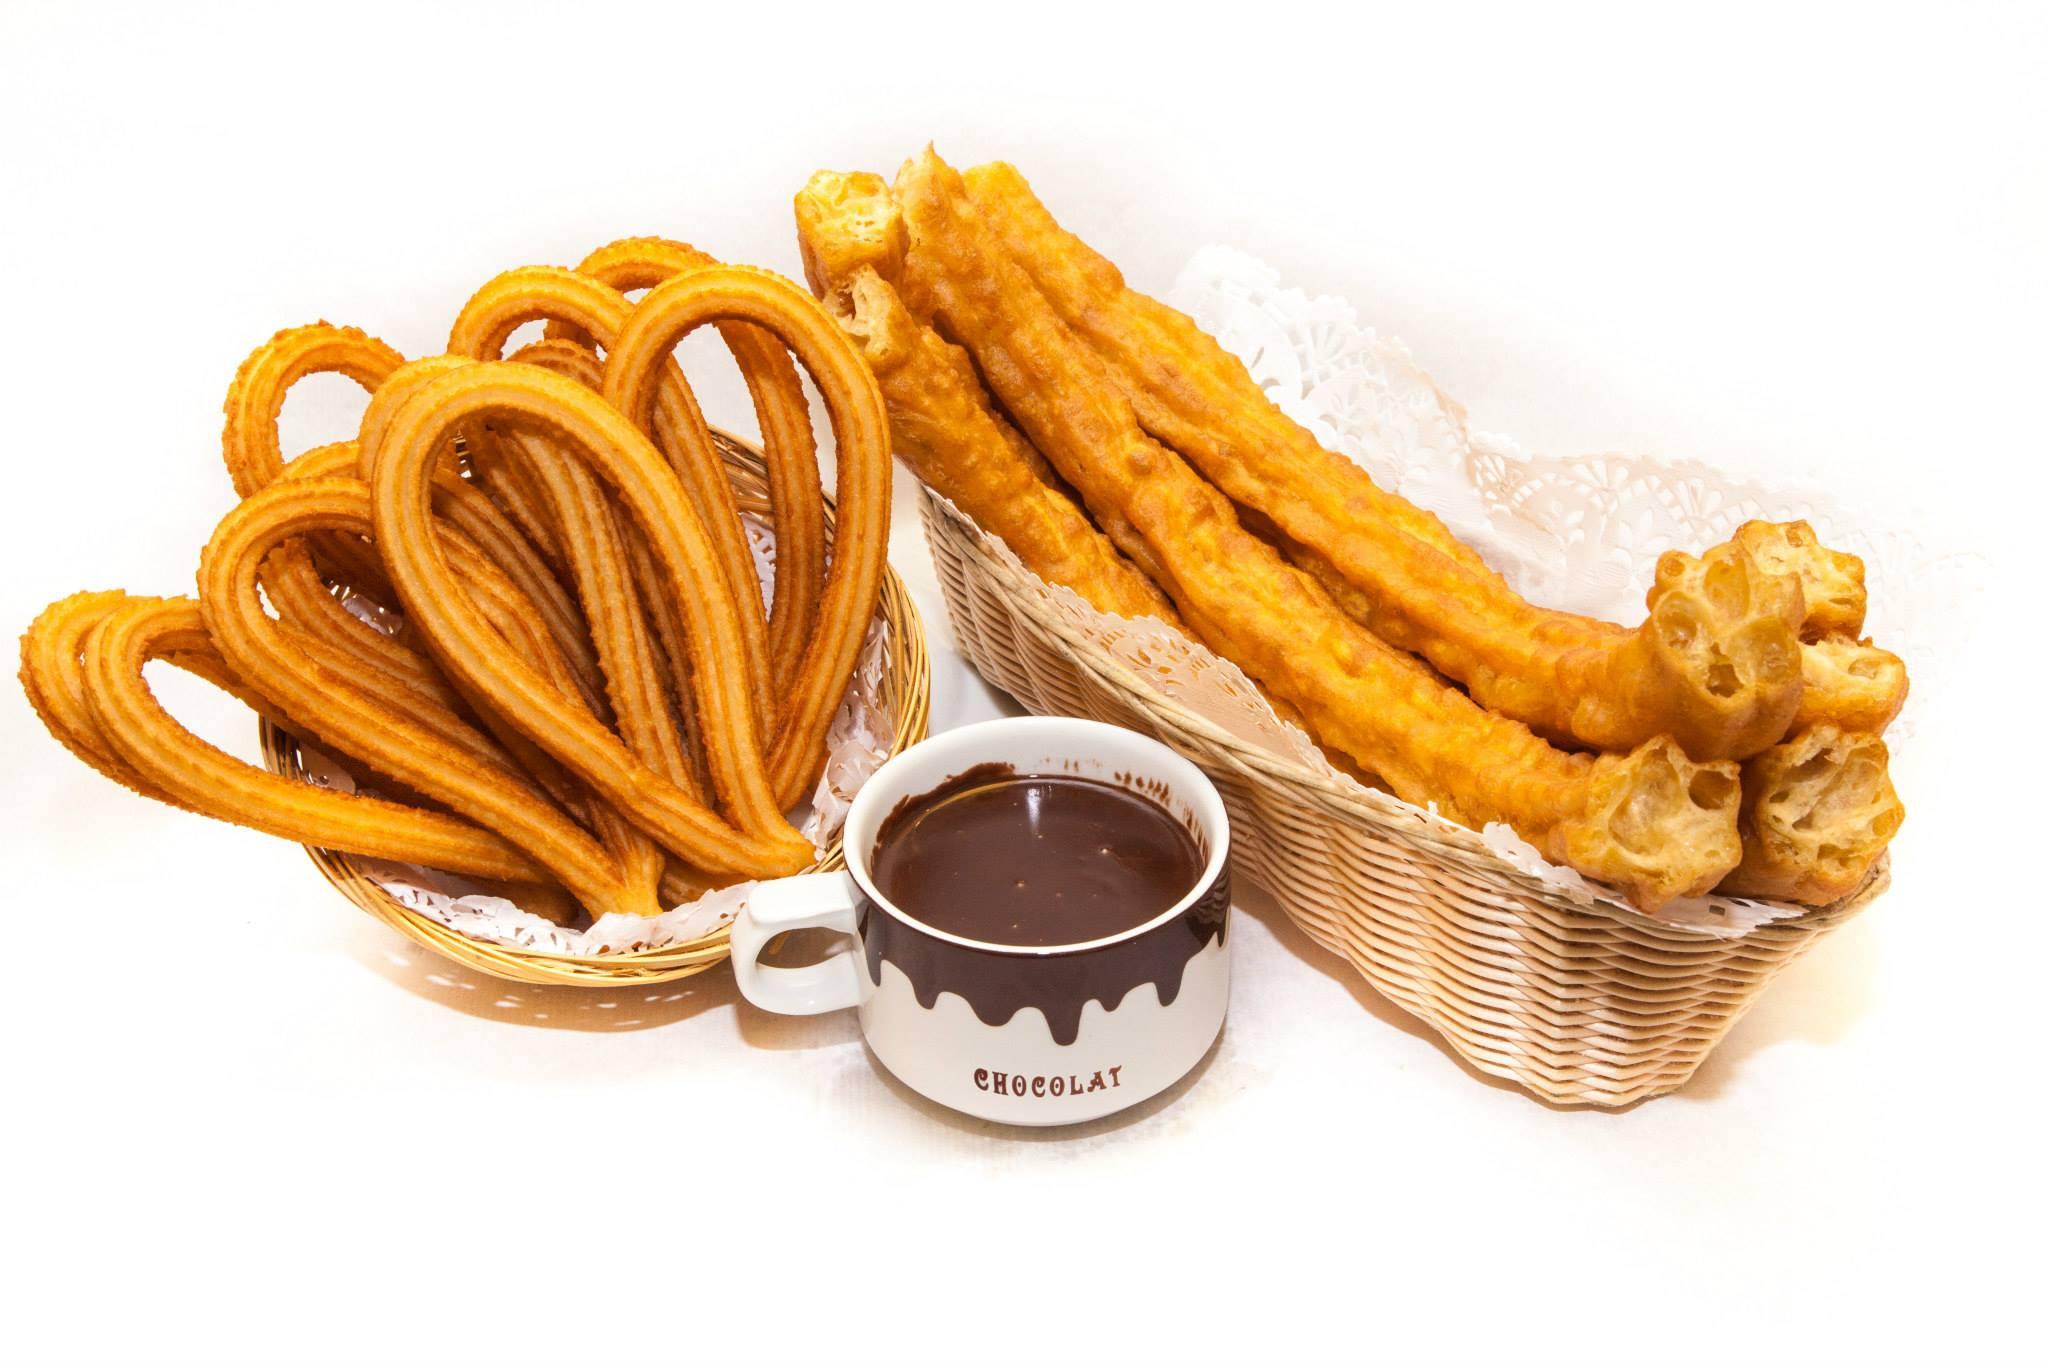 Bien connu Recette : Comment réaliser des pancakes fourrés au Nutella ? | QP89